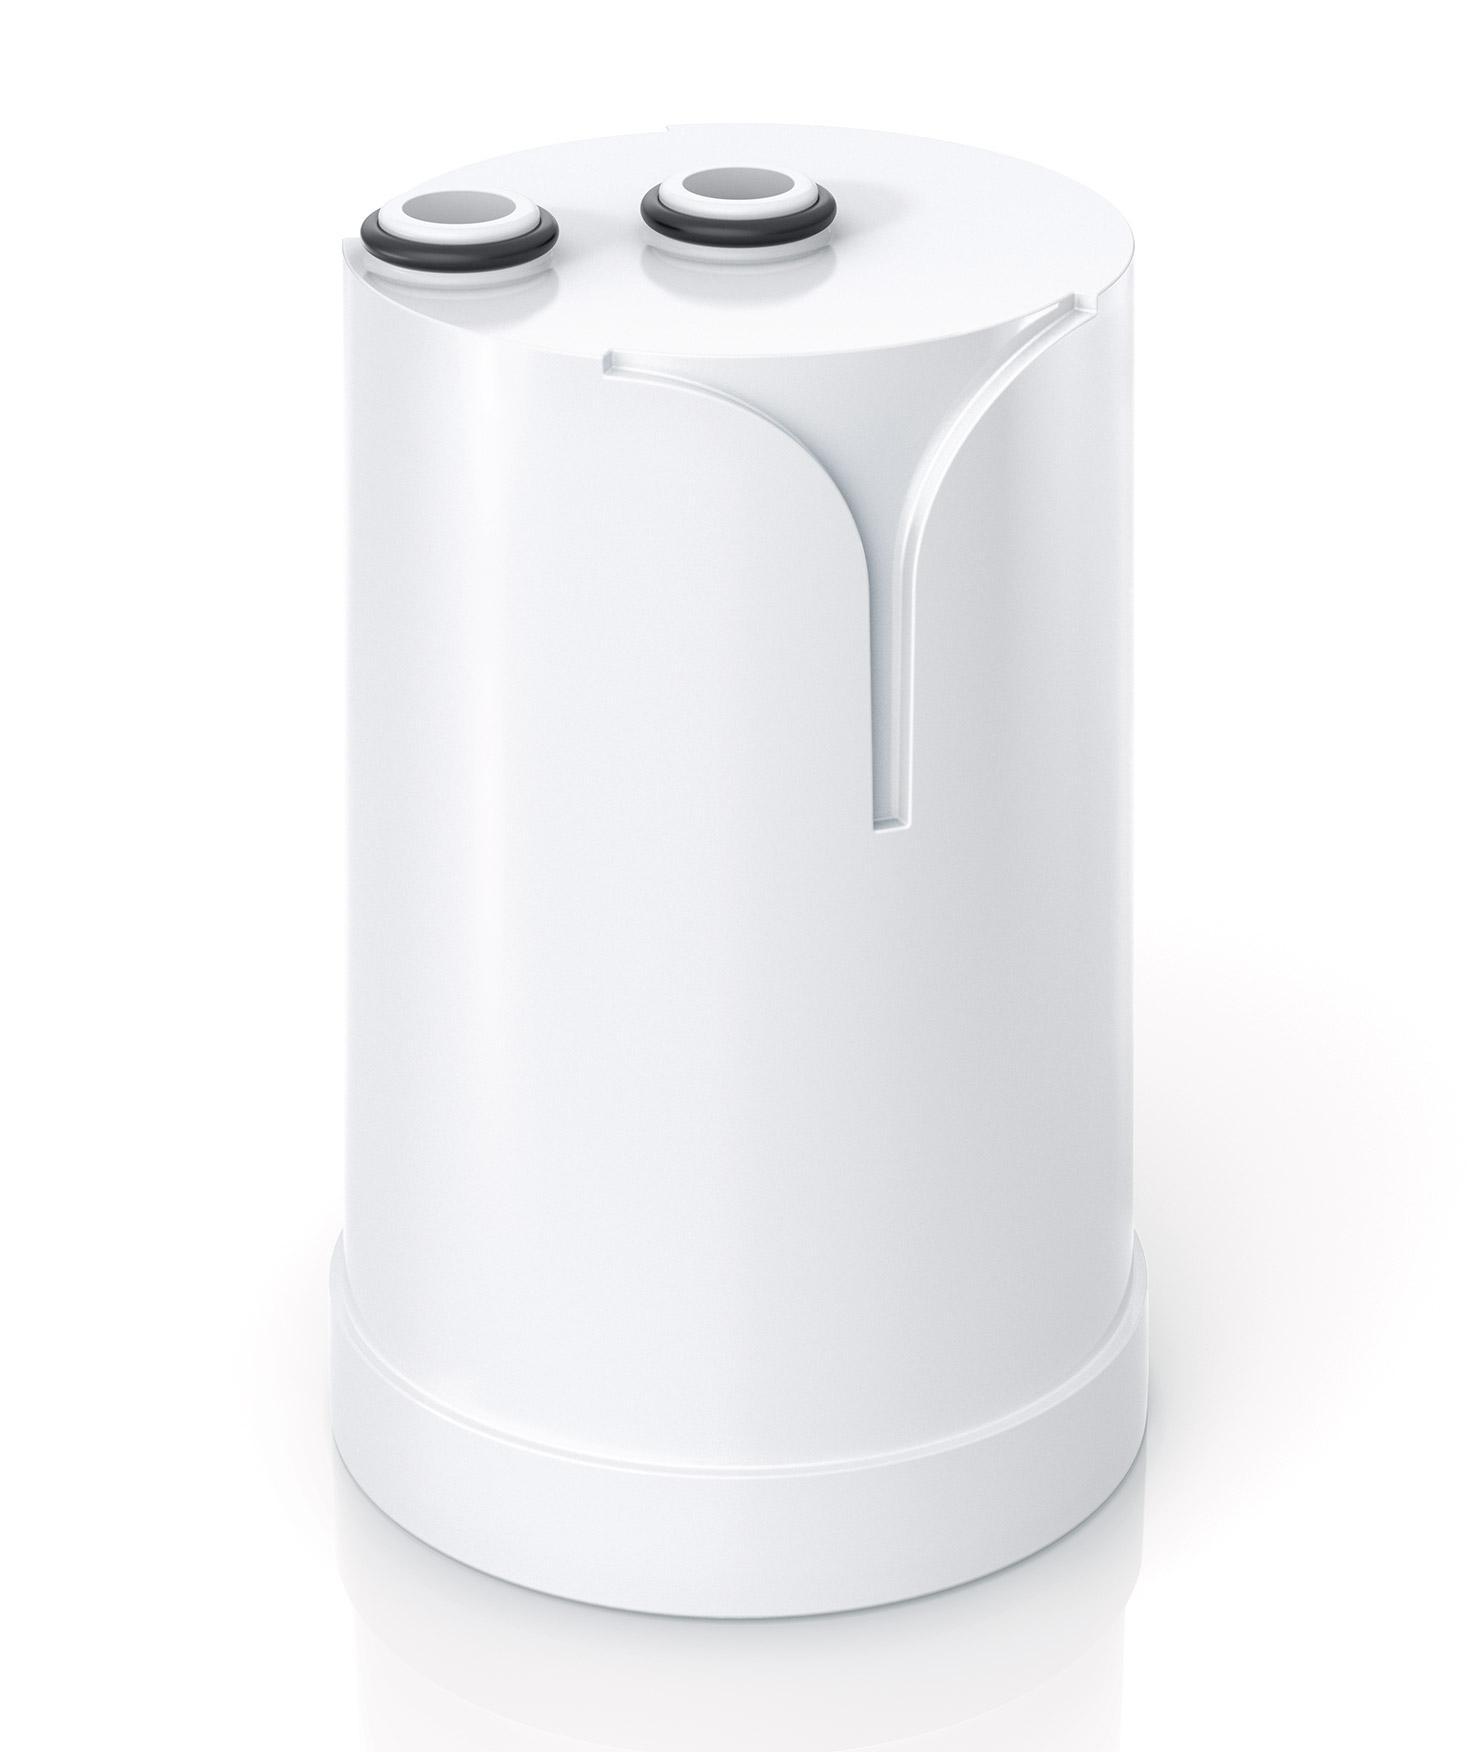 BRITA On Tap 龍頭式濾水器產品照片